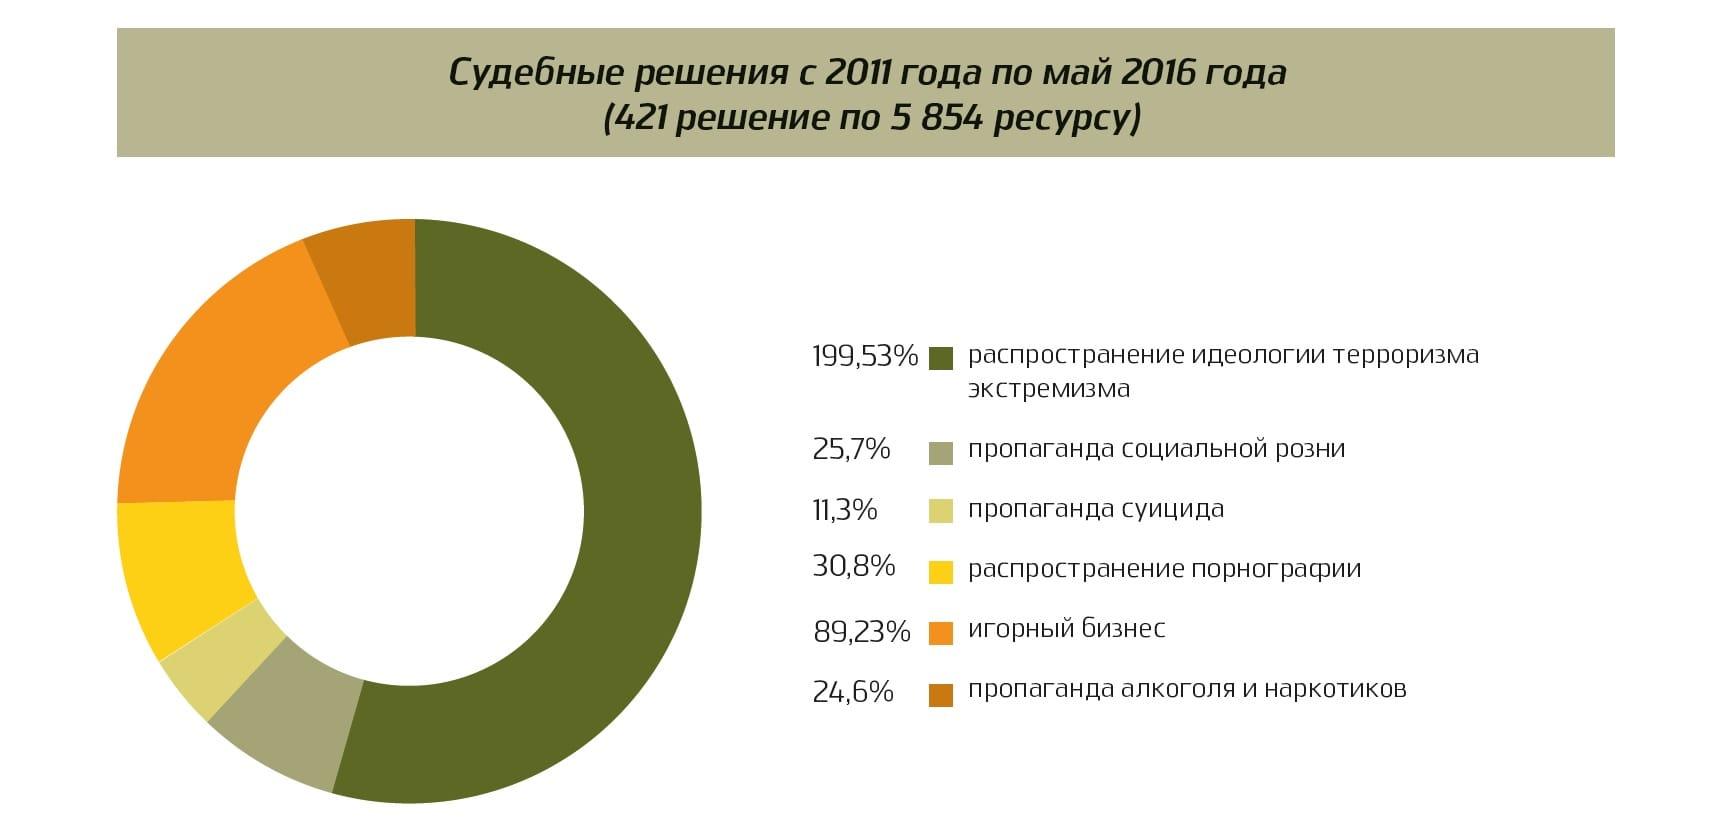 Практика блокирования интернет-контента в Республике Казахстан: Статистика и отдельные факты блокировок